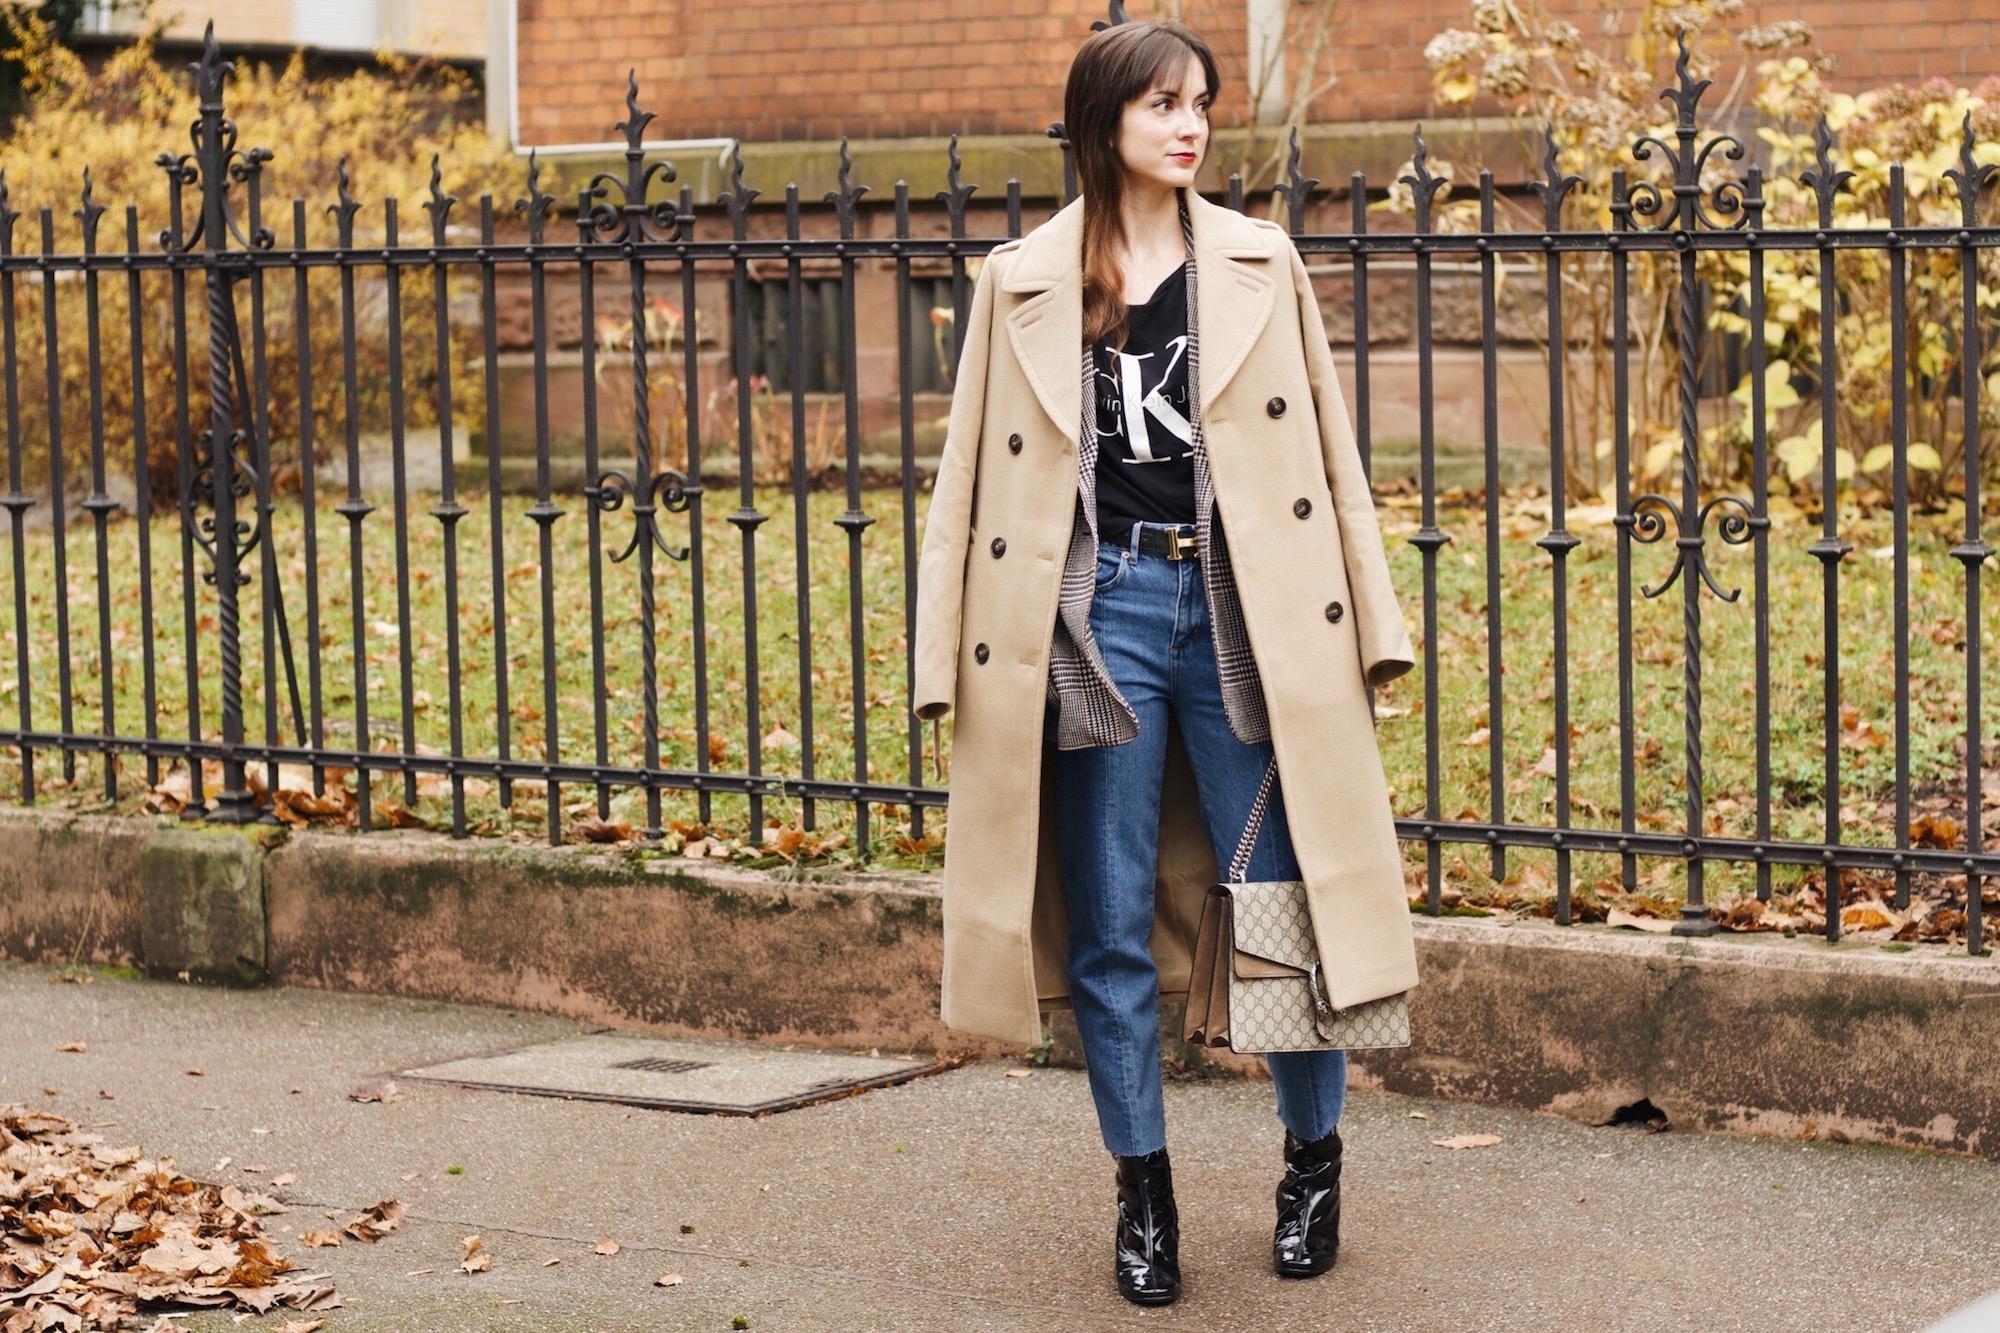 Genial Stiefeletten Kombinieren Referenz Von Wintermantel Von Edited Auf Meinem Modedesign Kombiniert